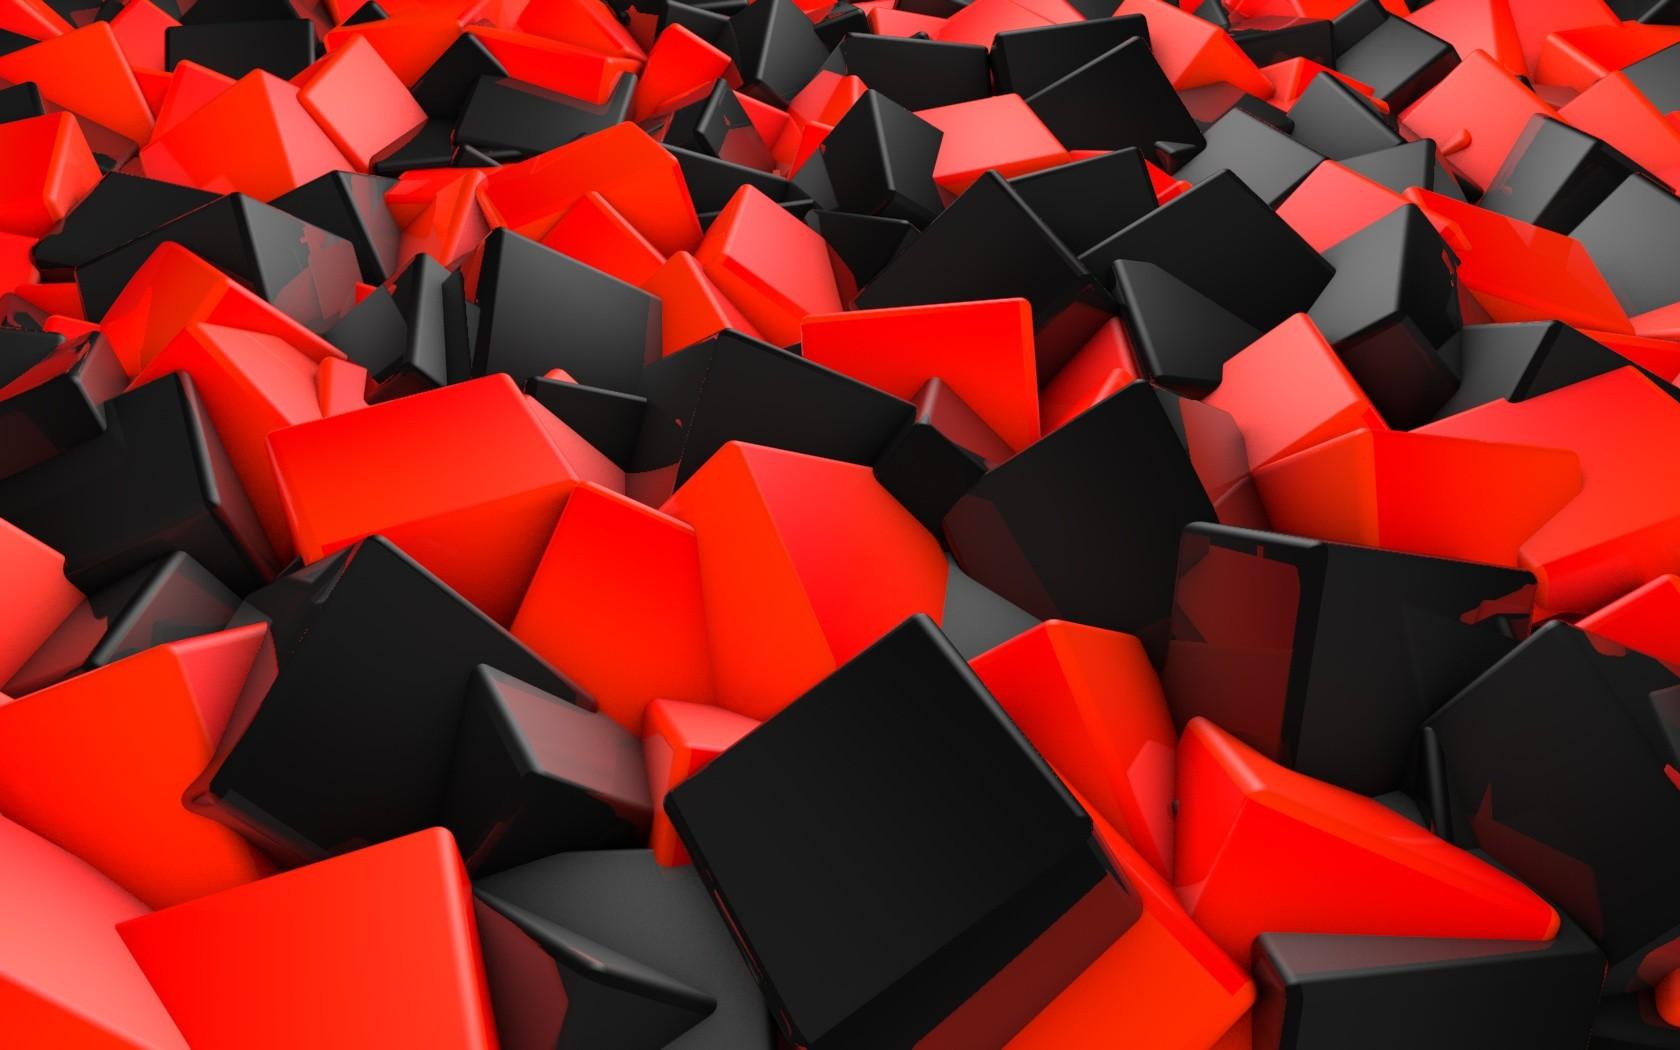 Hd Red Wallpaper Wallpapersafari